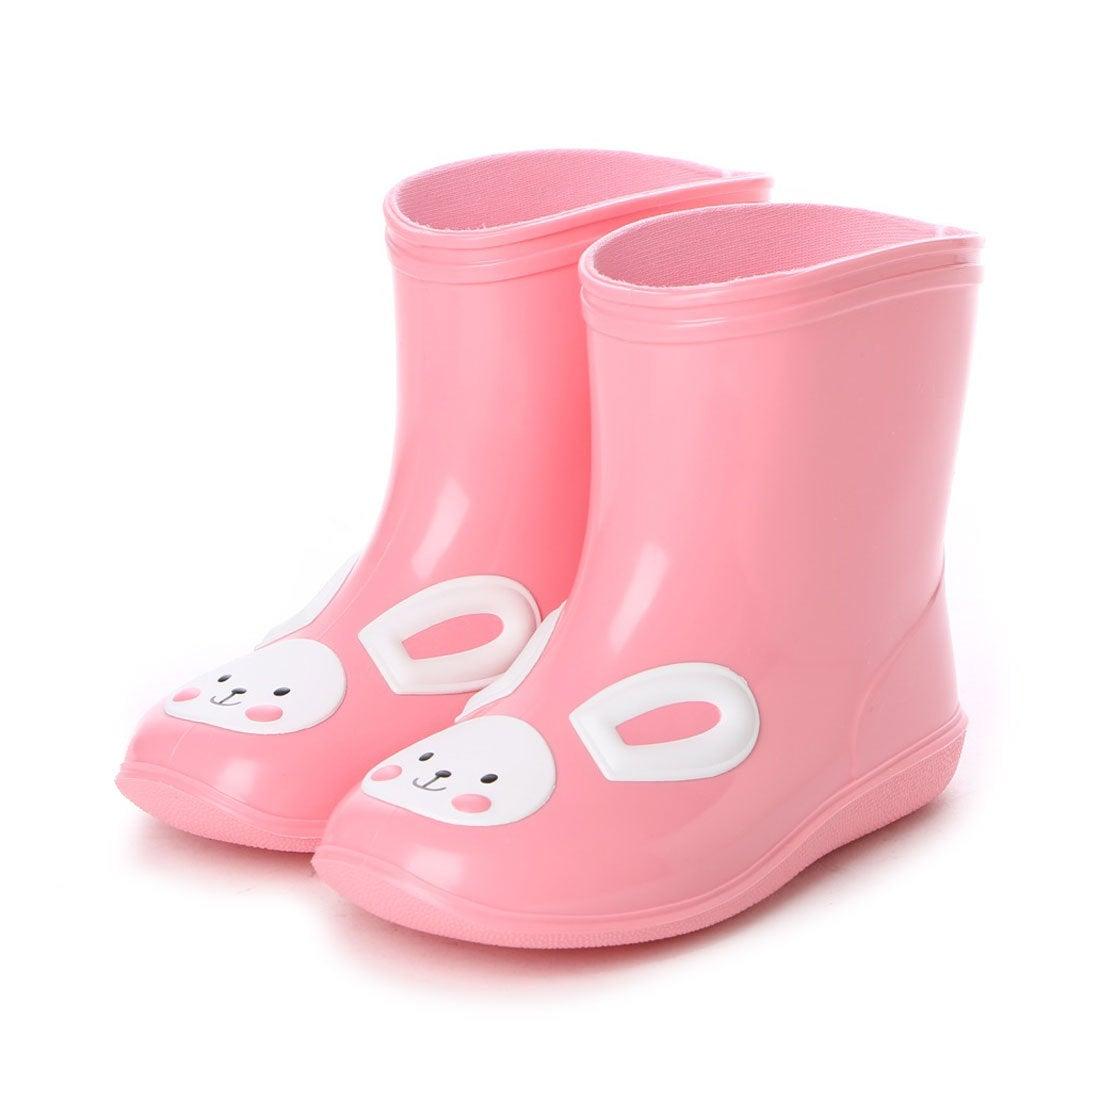 a330ce65e107c ベンガル BENGAL BG-5990 アニマルレインシューズ (ピンク) -靴&ファッション通販 ロコンド〜自宅で試着、気軽に返品